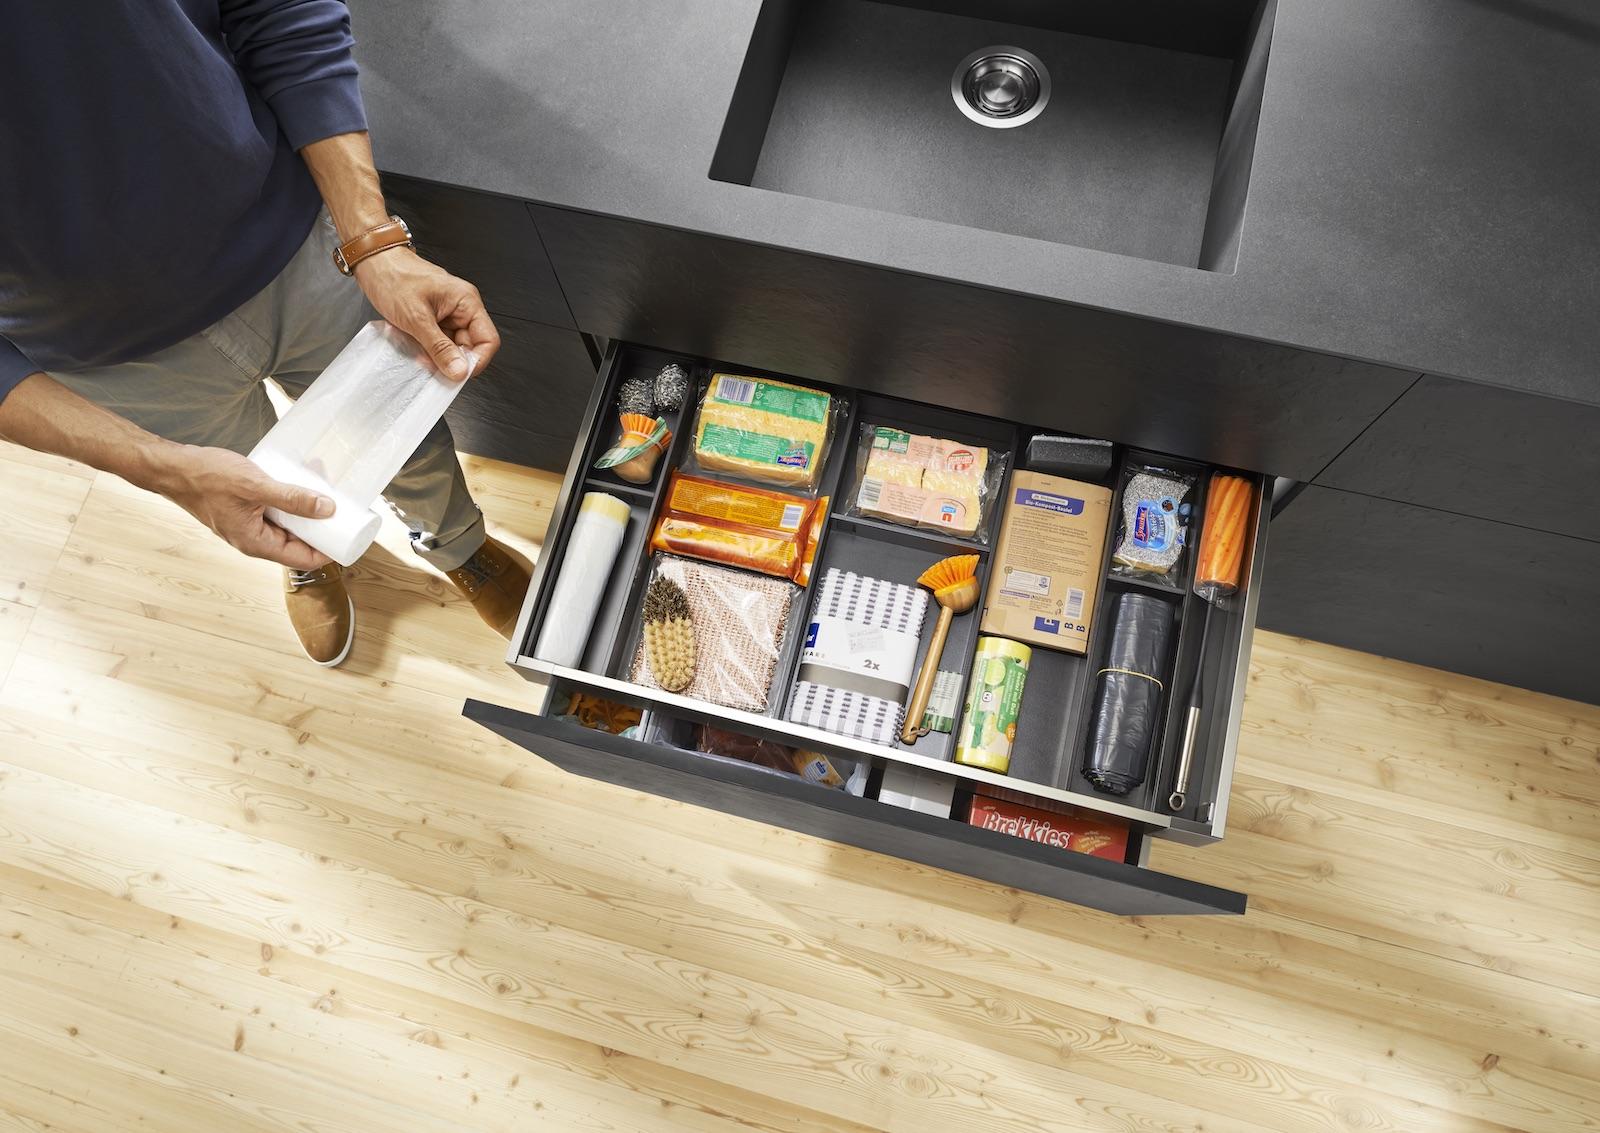 Oft ist unter der Spüle sogar genug Platz für einen praktischen Innenauszug; Foto: Julius Blum GmbH